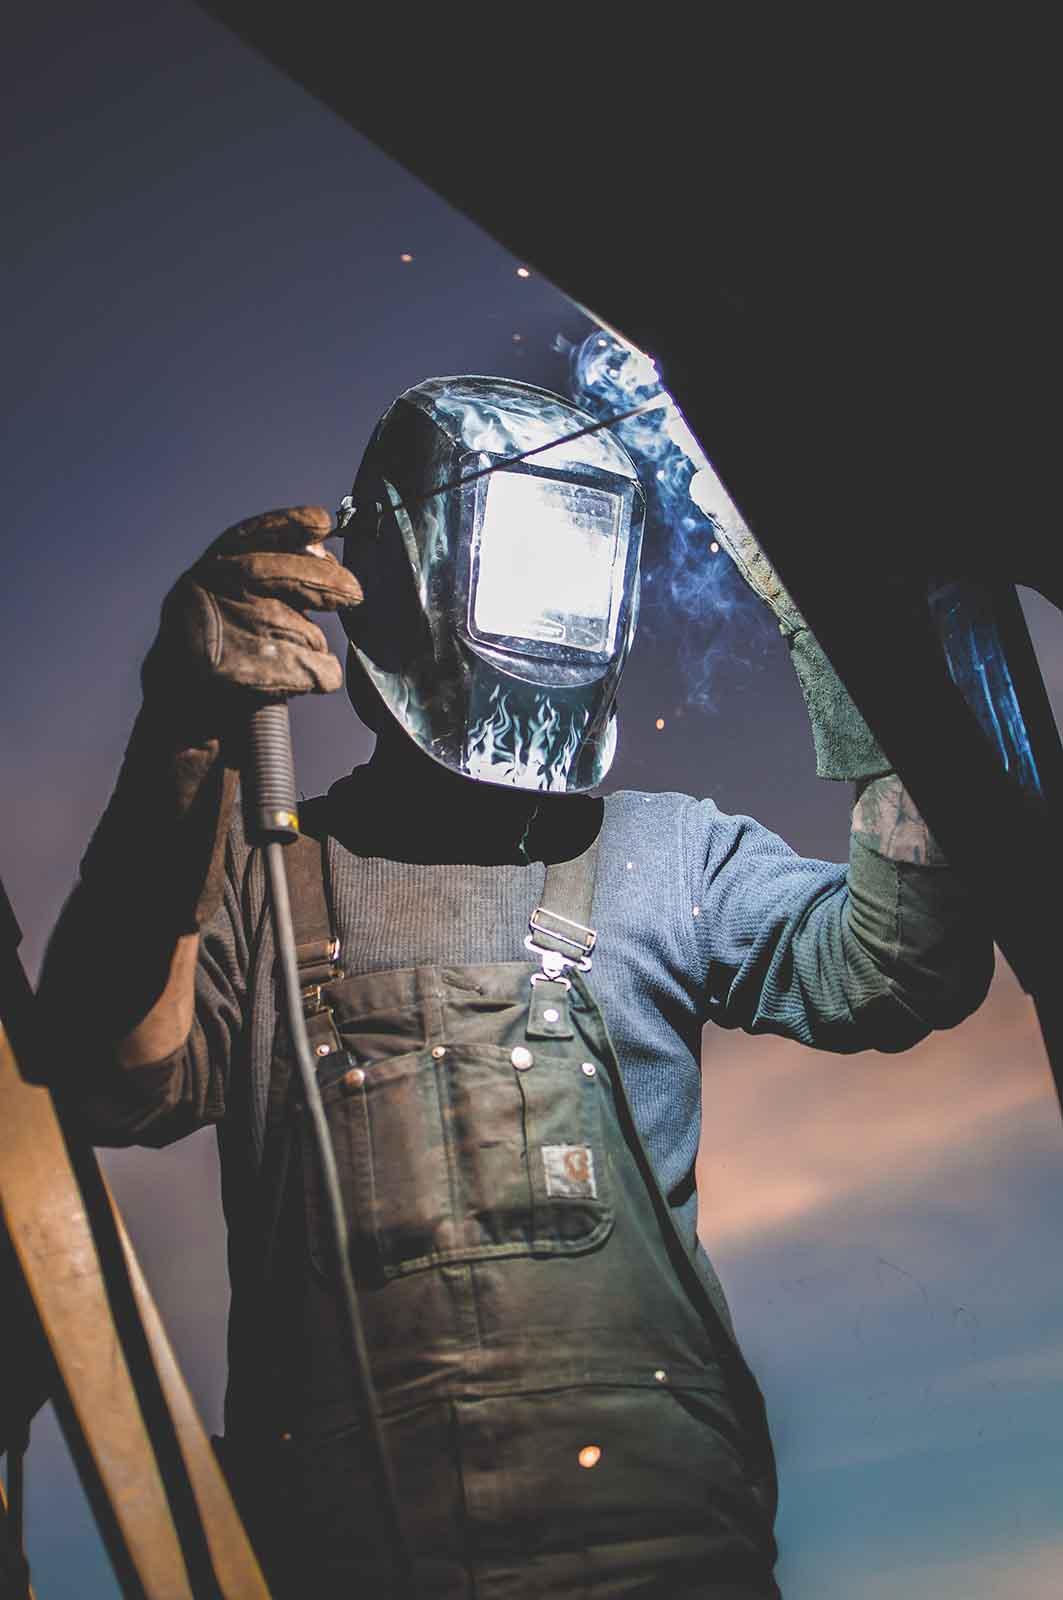 mobile-welding-caledon-112819-01a